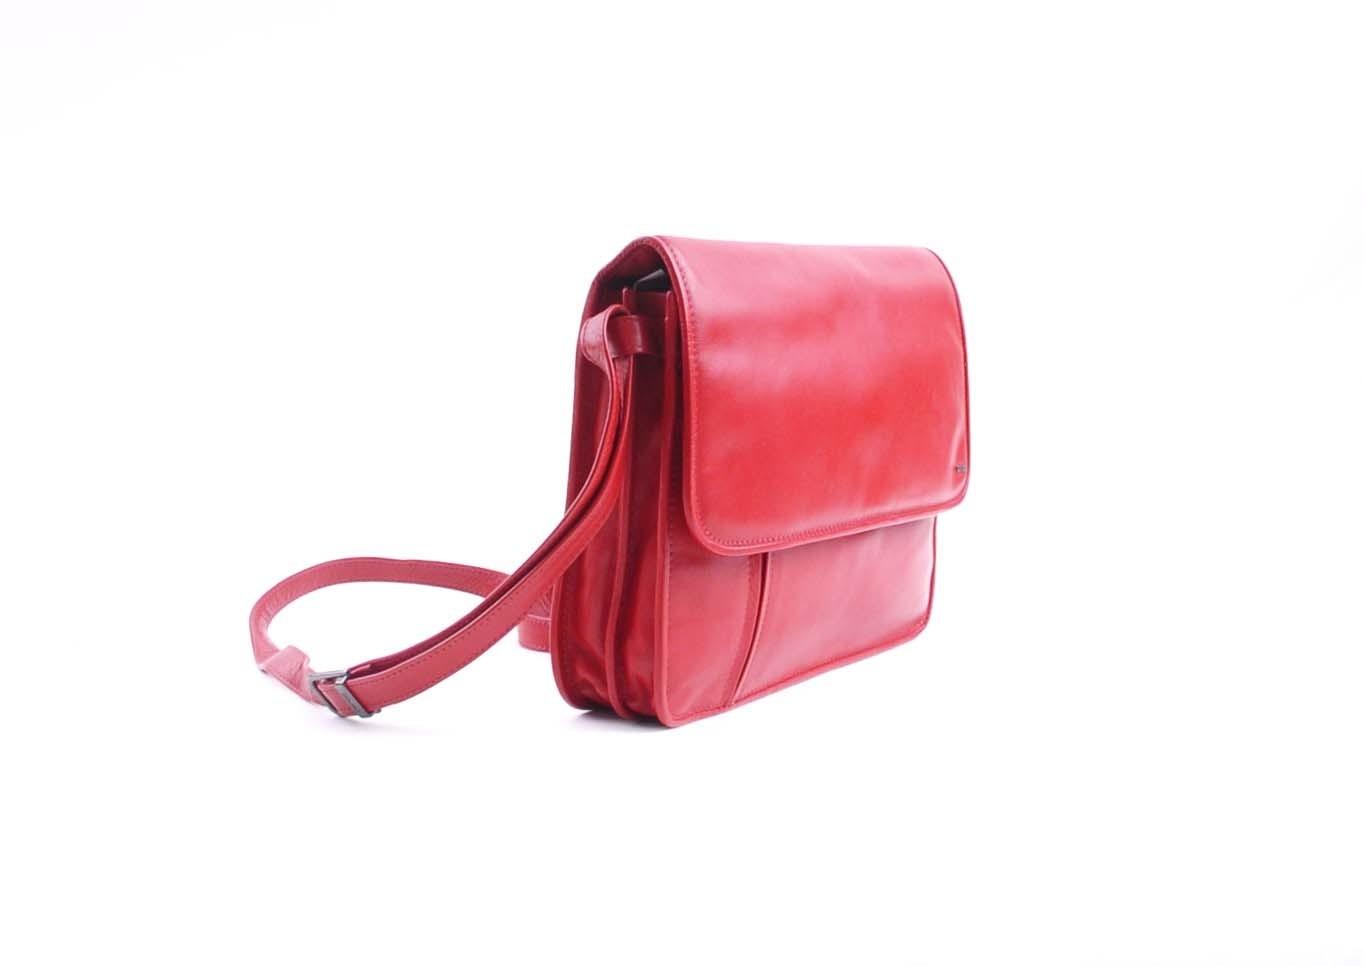 berba Soft 571 - Damentasche in rot Seitenansicht